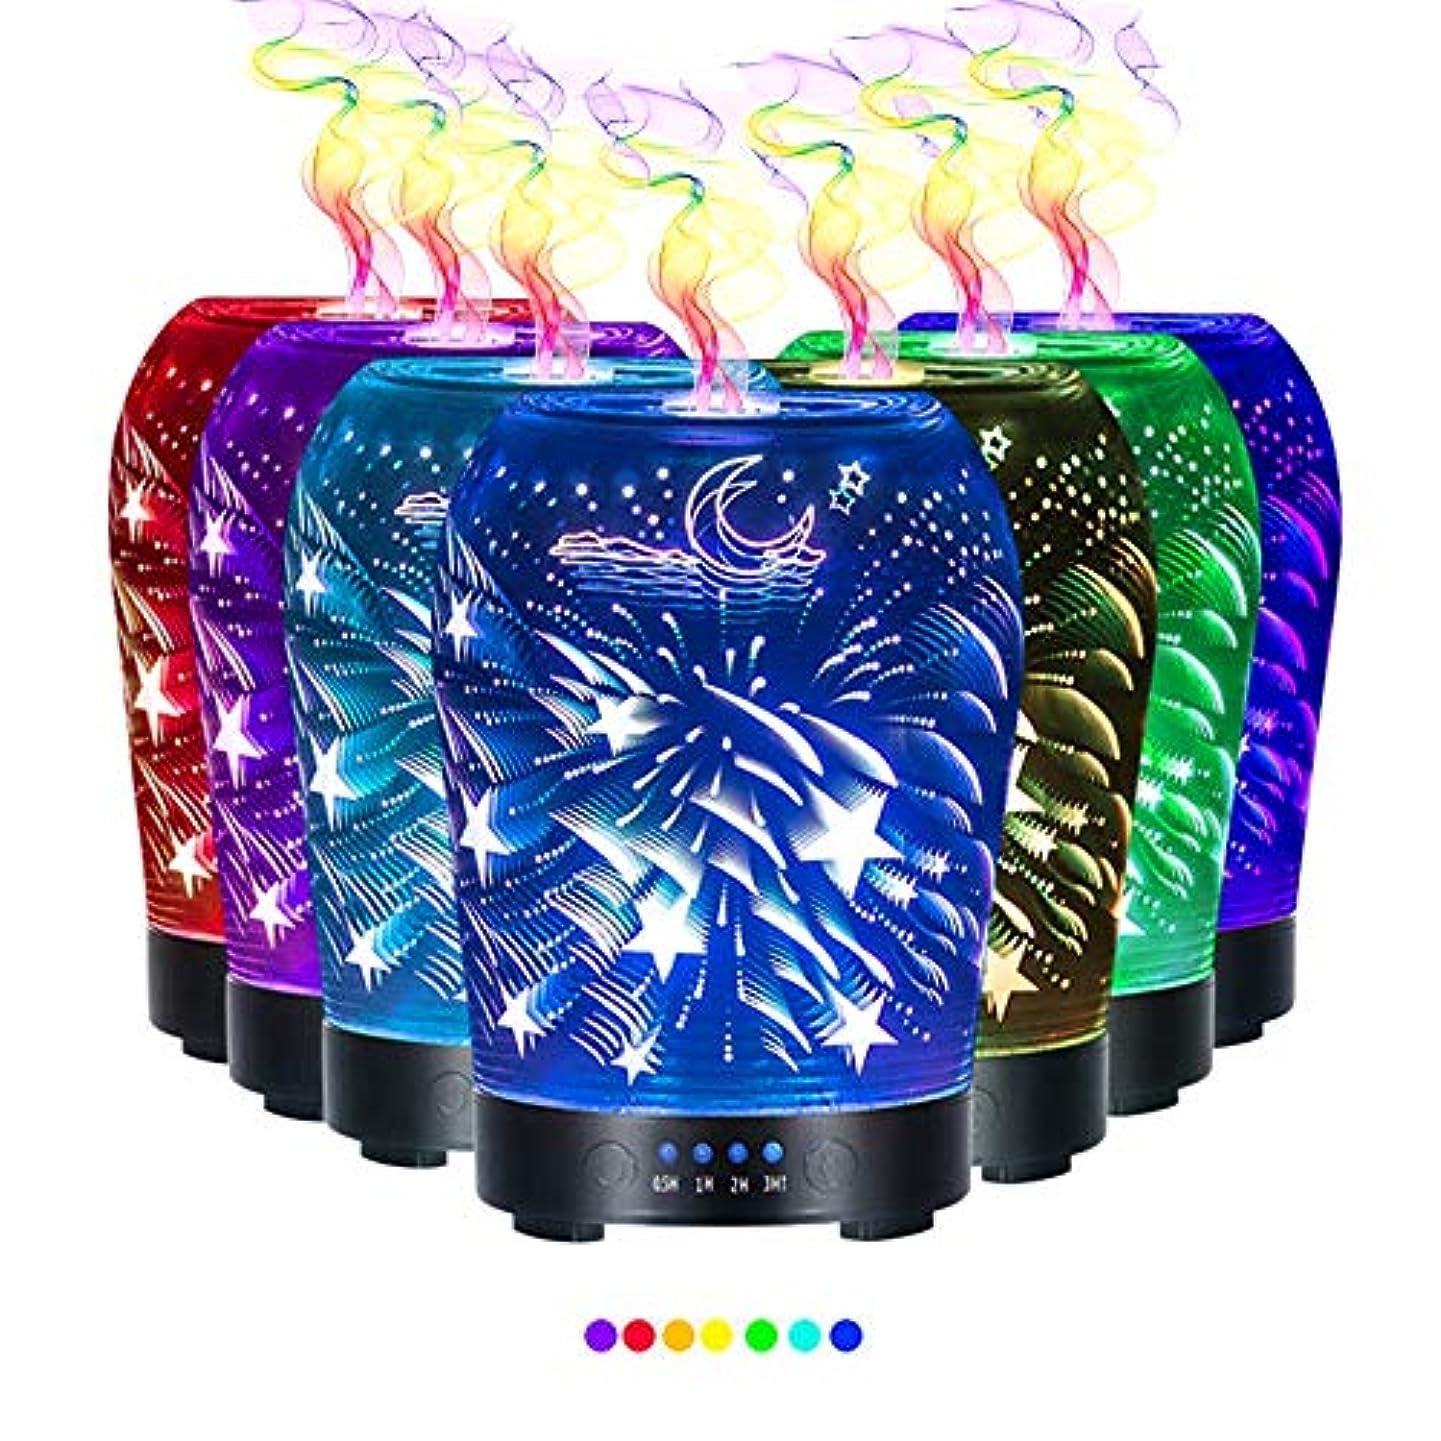 ガイドライン保証金入浴ディフューザーエッセンシャルオイル (100ml)-クリエイティブガラス流星シャワーアロマ加湿器7色変更 LED ライト & 4 タイマー設定、水なしオートシャットオフ